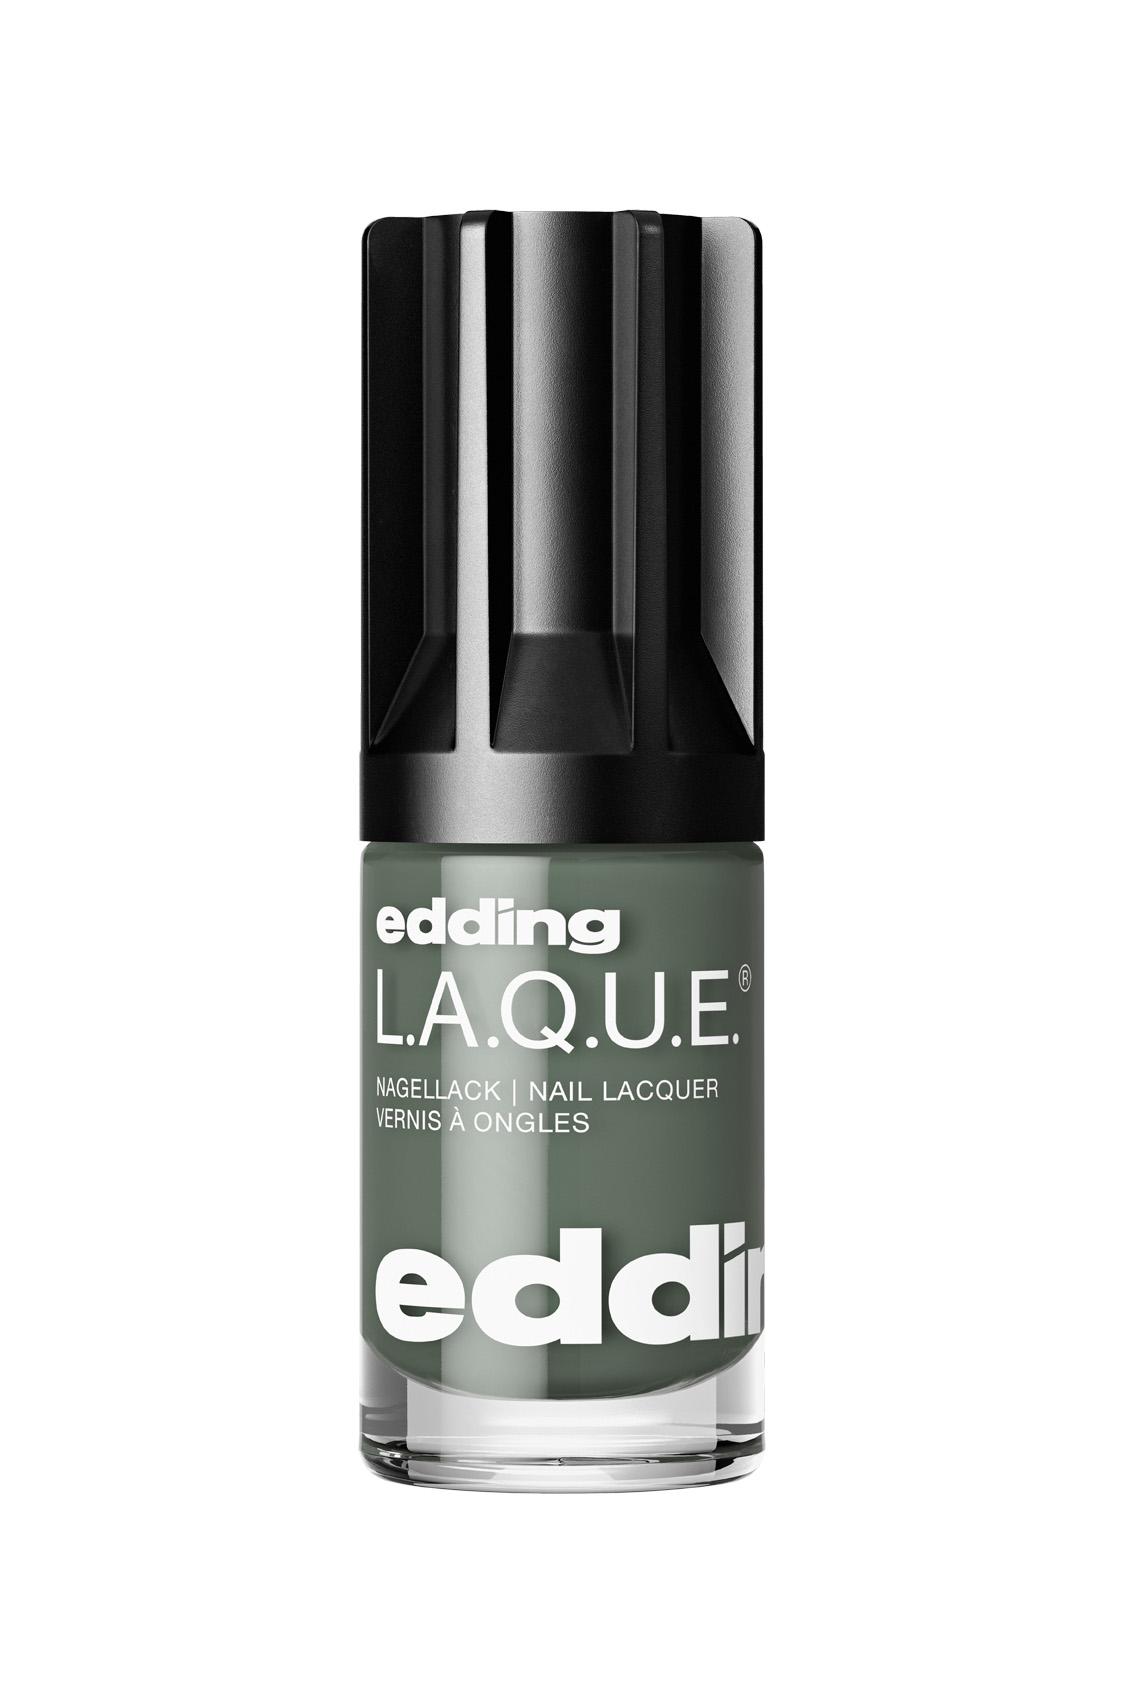 edding L.A.Q.U.E. Nagellack Nail Lacquer 8 ml Kind Khaki 809604